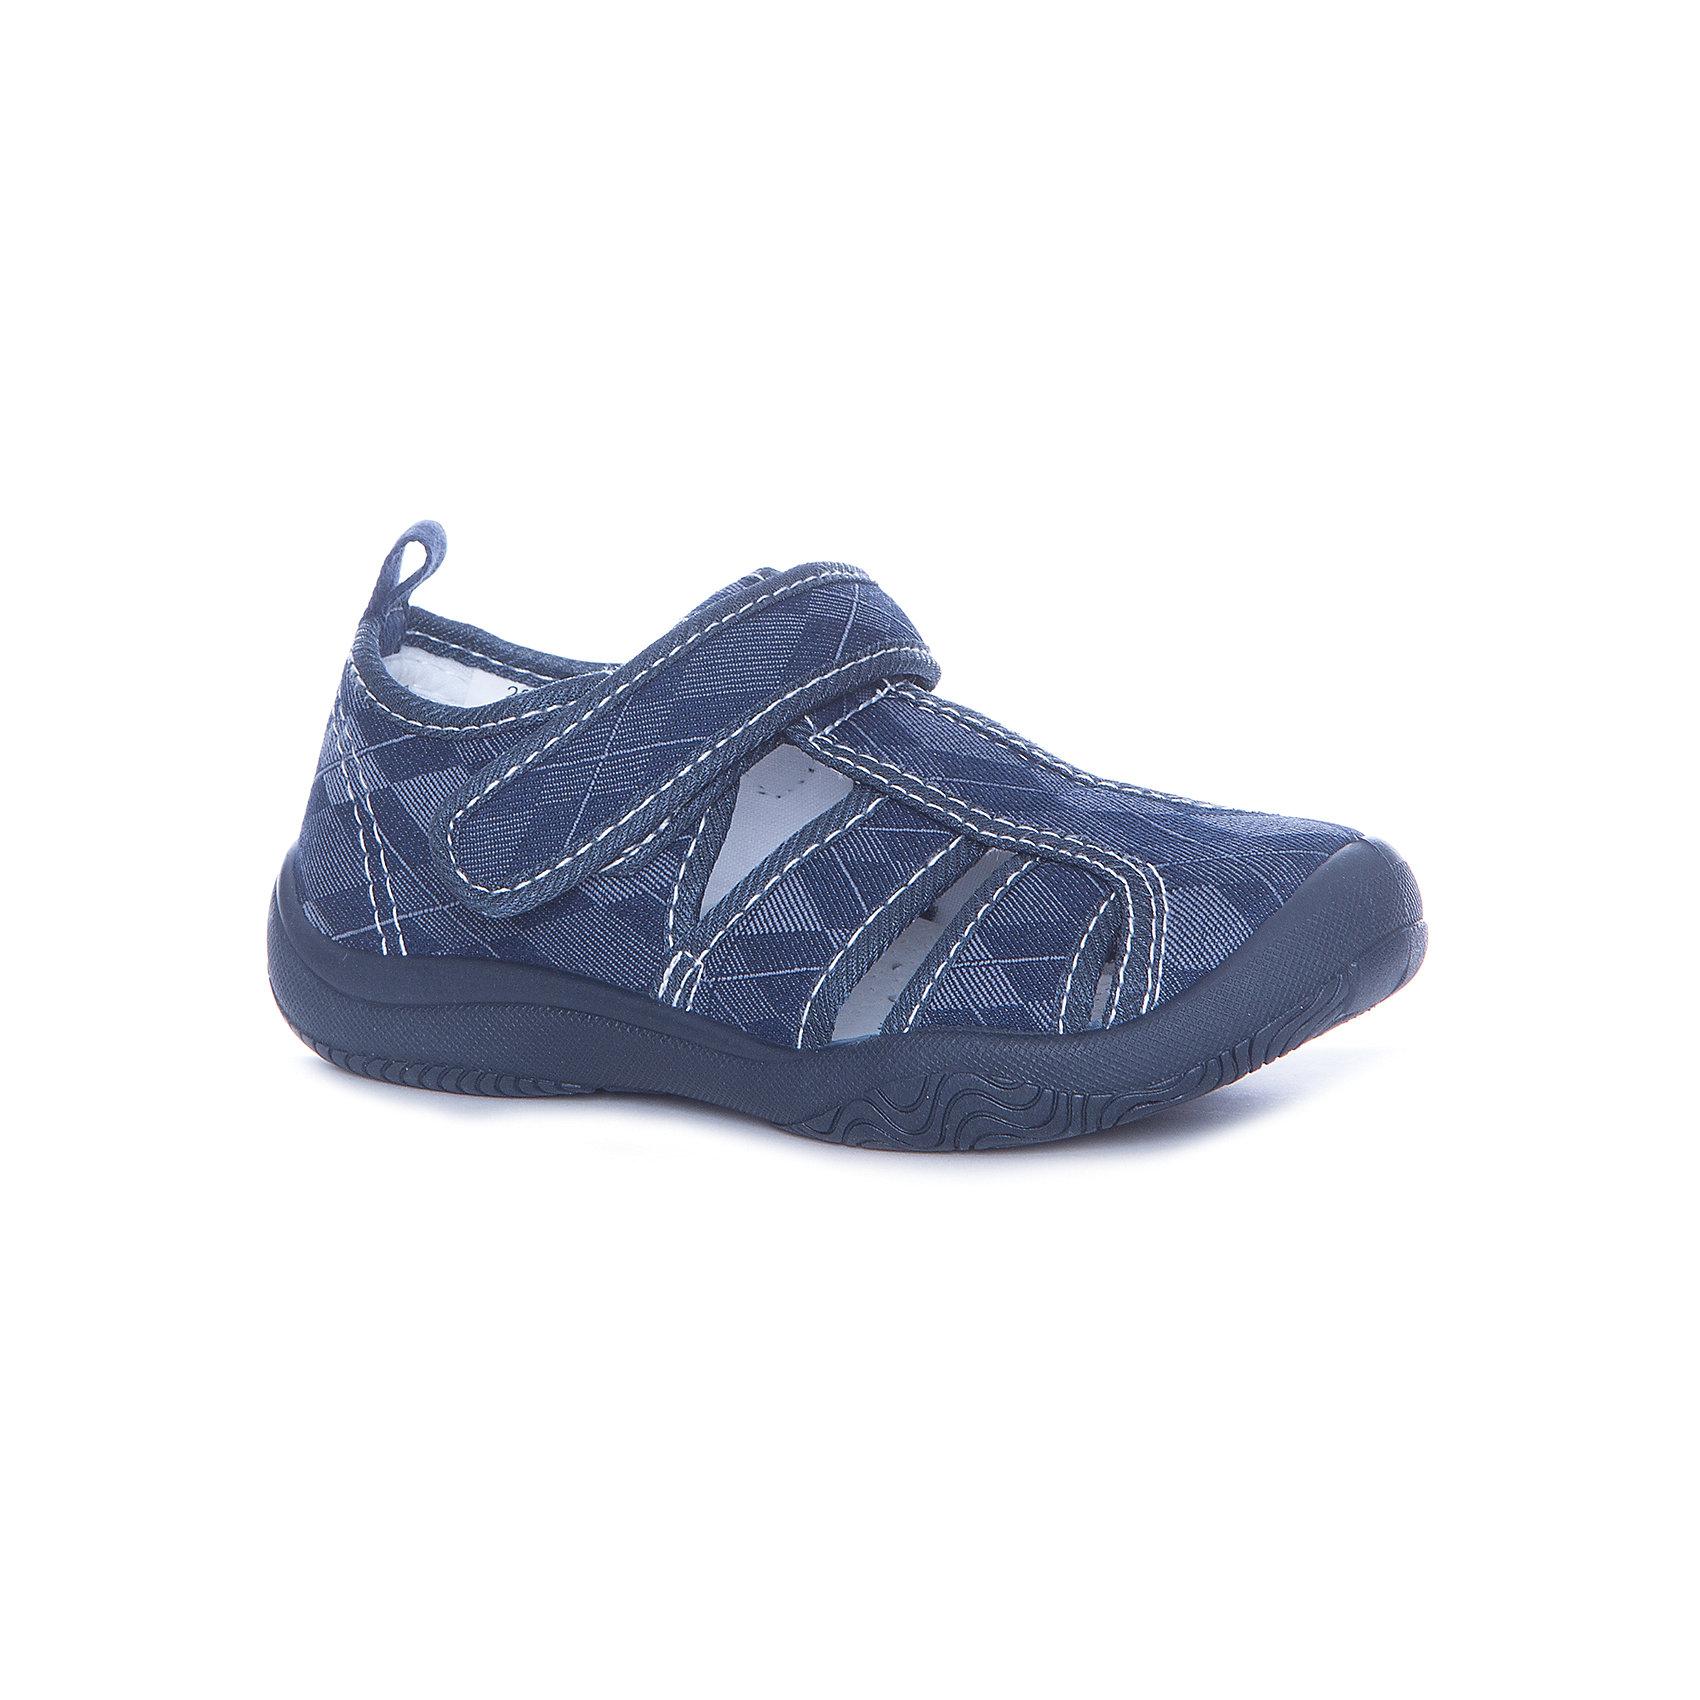 Сандалии Mursu для мальчикаТекстильные туфли<br>Характеристики товара:<br><br>• цвет: синий<br>• материал верха: текстиль<br>• подклад: текстиль<br>• стелька: натуральная кожа<br>• подошва: ПВХ<br>• сезон: круглый год<br>• особенности модели: спортивный стиль<br>• застежка: резинка<br>• защита мыса<br>• анатомические <br>• страна бренда: Финляндия<br>• страна изготовитель: Китай<br><br>Текстильную обувь Mursu можно использовать как сменную в детском саду, так и для прогулок в сухую погоду. Удобная форма позволяет быстро надеть и снять обувь. <br><br>Качественные материалы обеспечивают комфортные условия для ног. Универсальный цвет подходит практически под любой наряд.<br>Обувь Мурсу - это качественная финская продукция, которая помогает детям выглядеть модно и чувствовать себя удобно.<br><br>Текстильную обувь для мальчика Mursu можно купить в нашем интернет-магазине.<br><br>Ширина мм: 227<br>Глубина мм: 145<br>Высота мм: 124<br>Вес г: 325<br>Цвет: синий<br>Возраст от месяцев: 96<br>Возраст до месяцев: 108<br>Пол: Мужской<br>Возраст: Детский<br>Размер: 32,27,28,29,30,31<br>SKU: 6852052